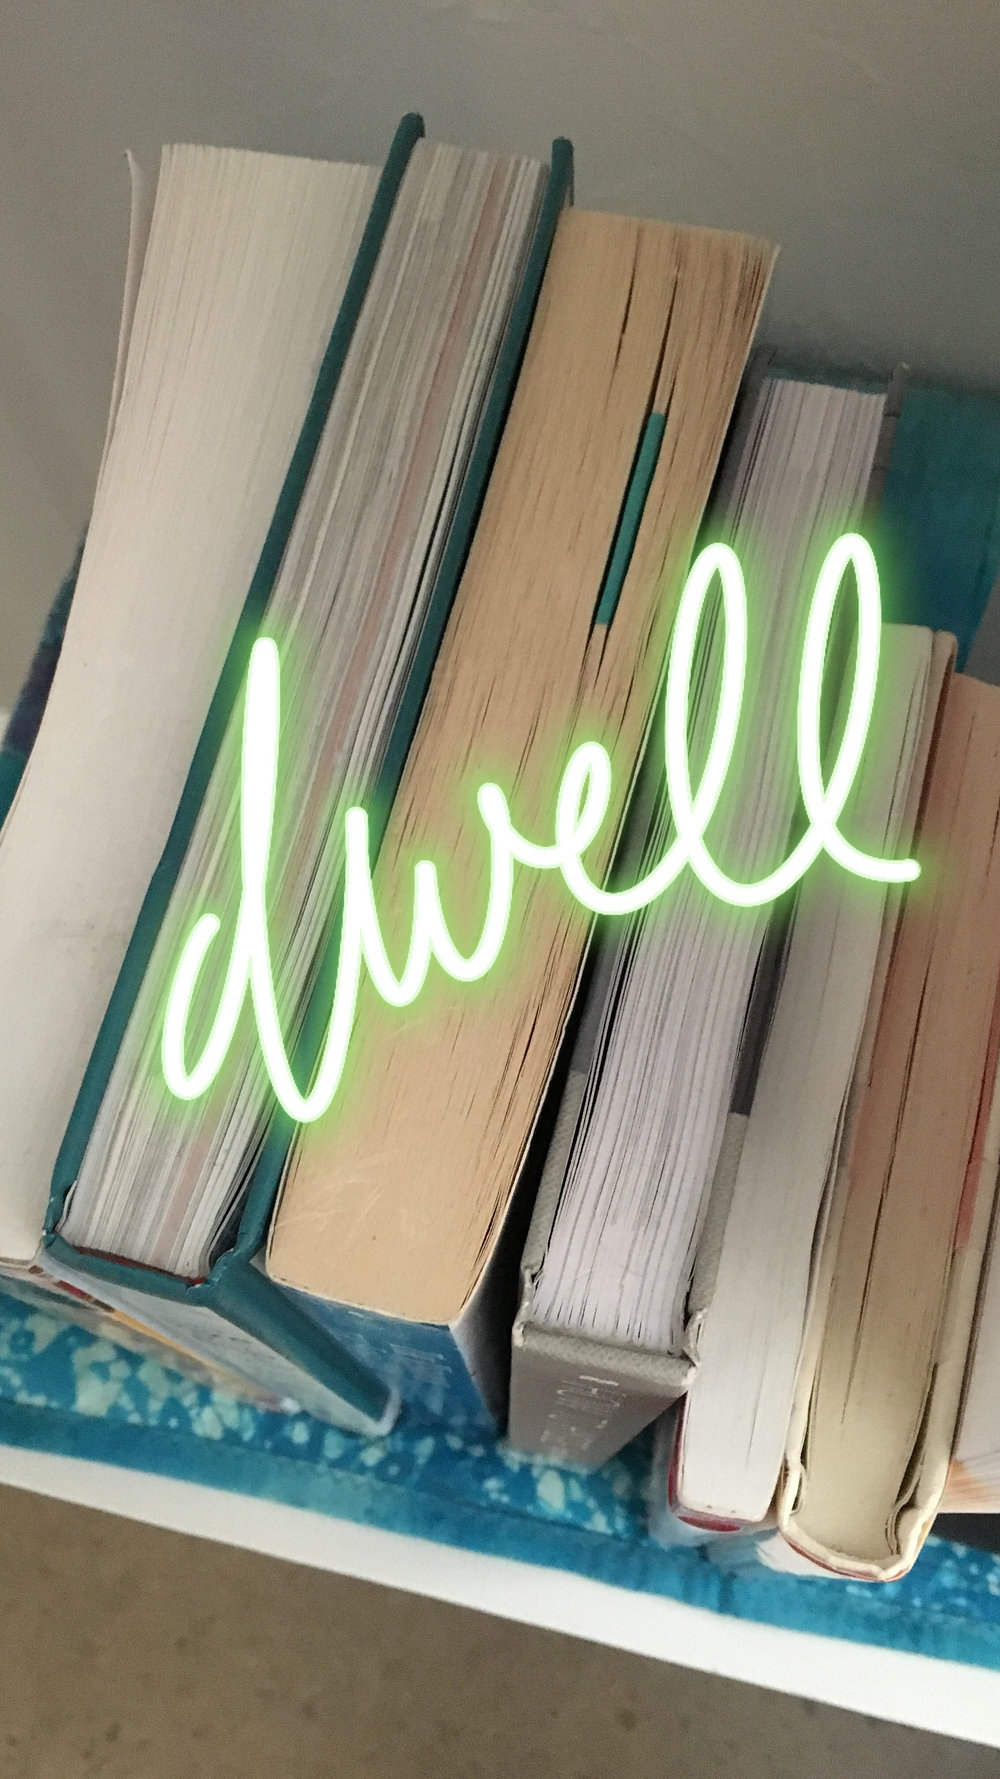 dwellbooks.jpg